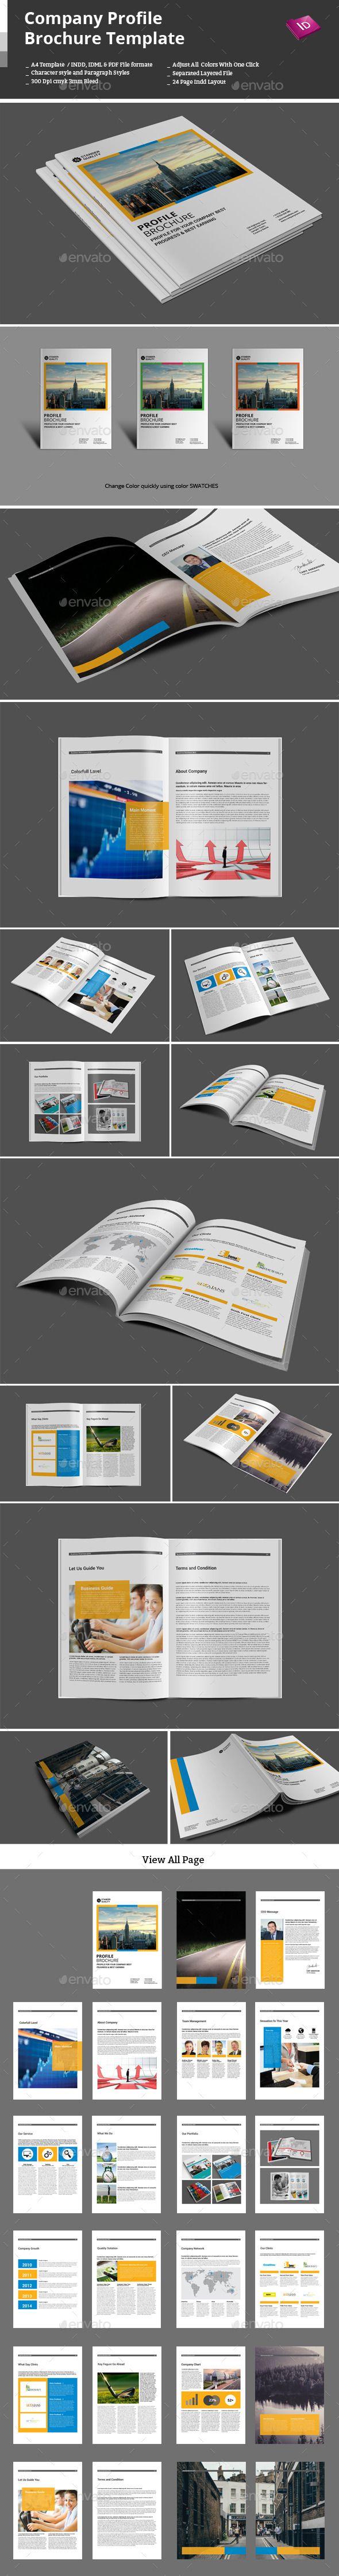 Company Profile Brochure Template | Folleto corporativo, Folletos y ...